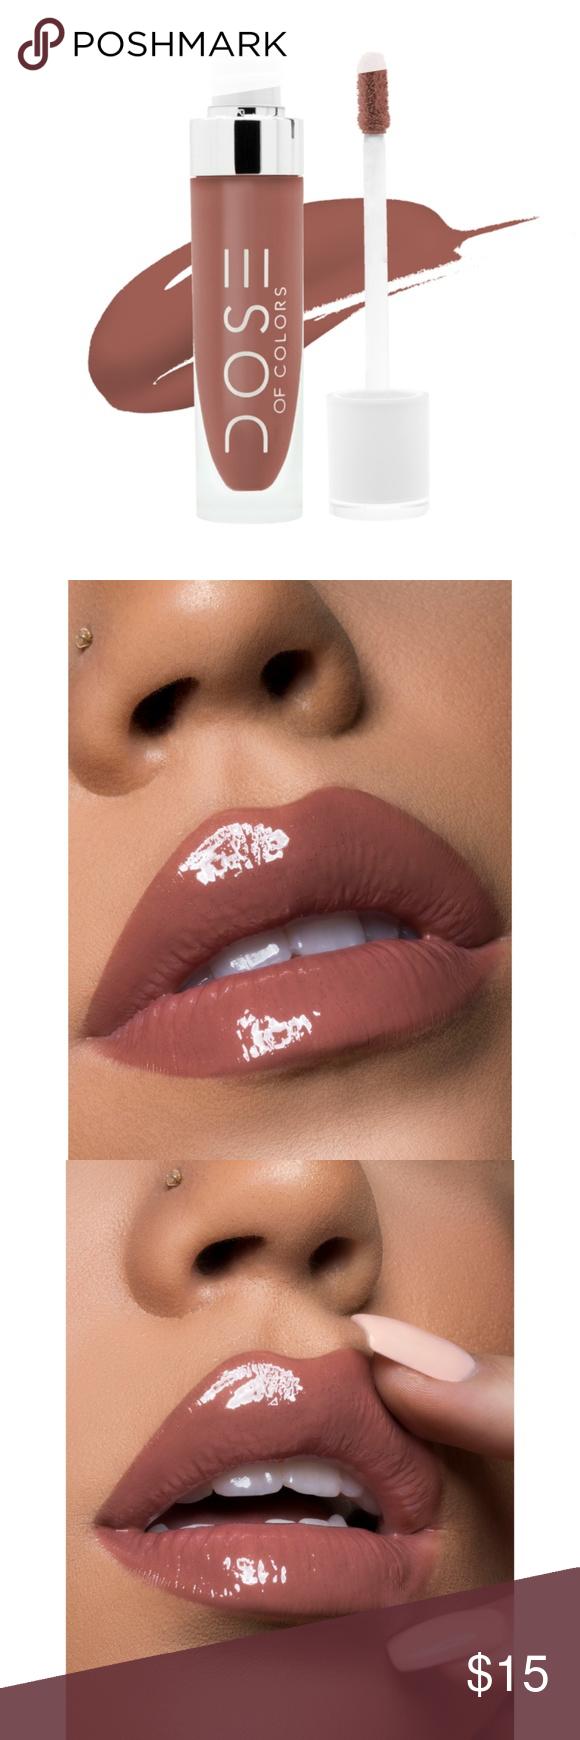 Pin by Liz Lugo on Makeup Wishlist